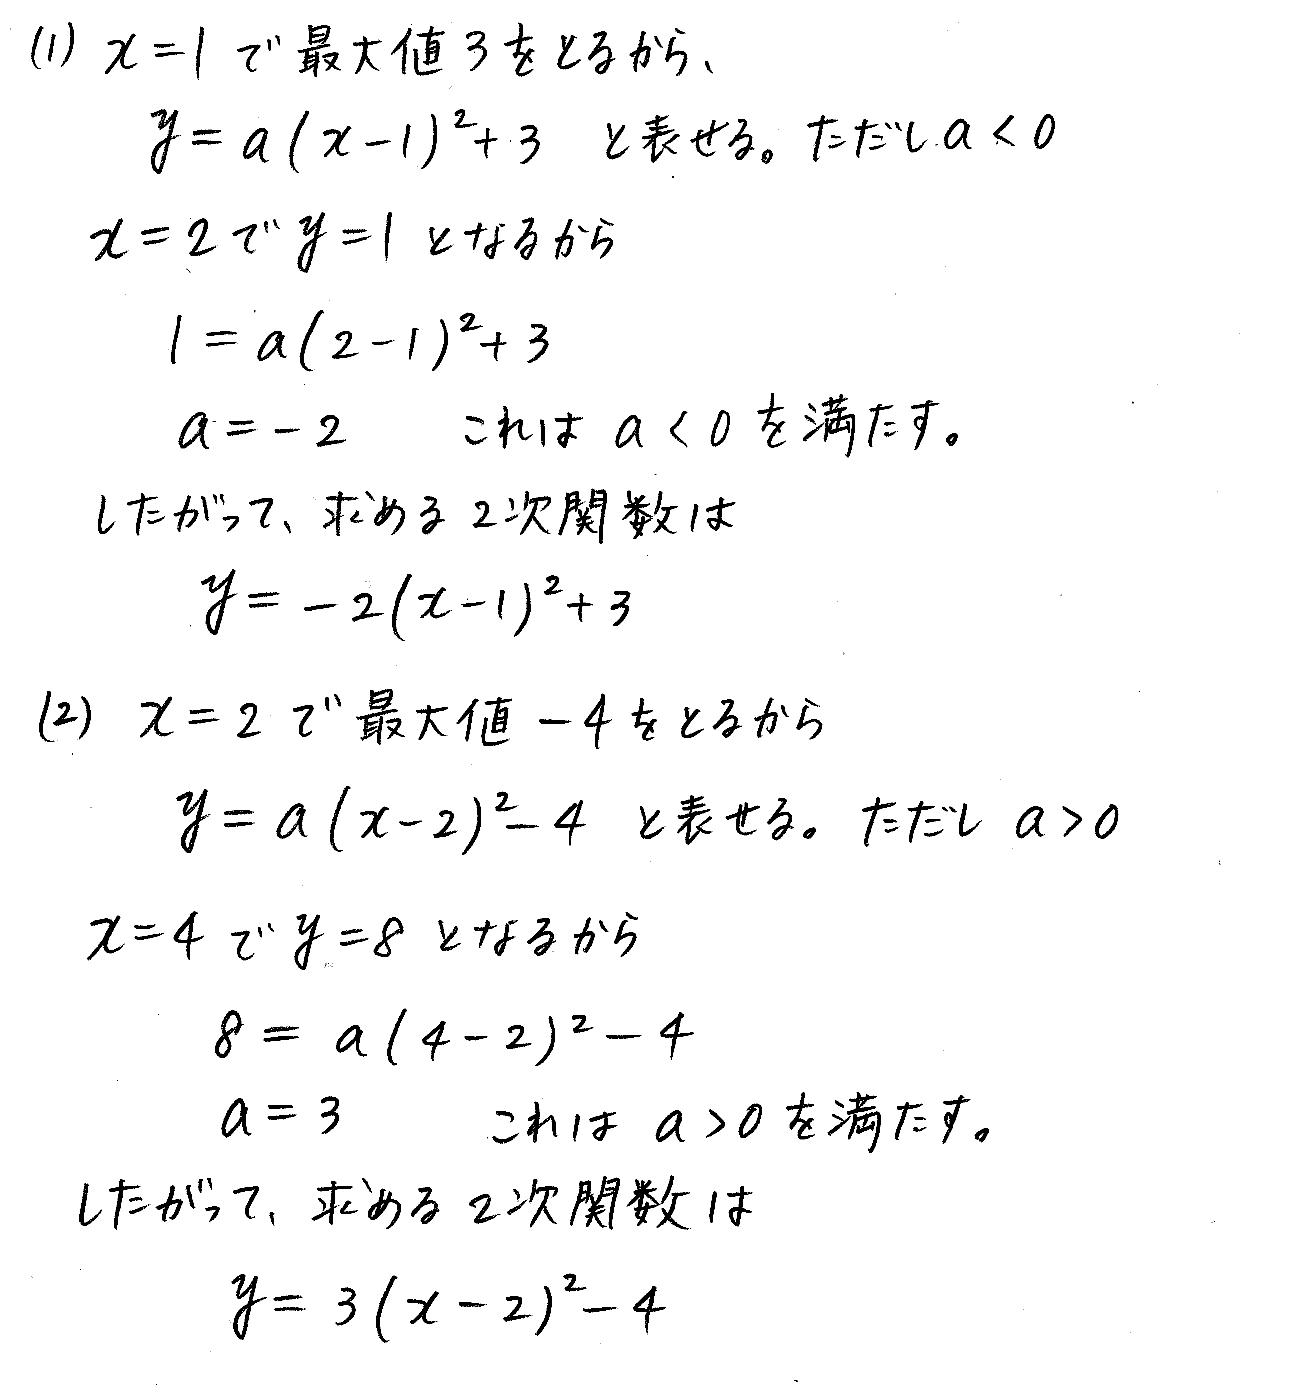 改訂版4プロセス数学Ⅰ-161解答